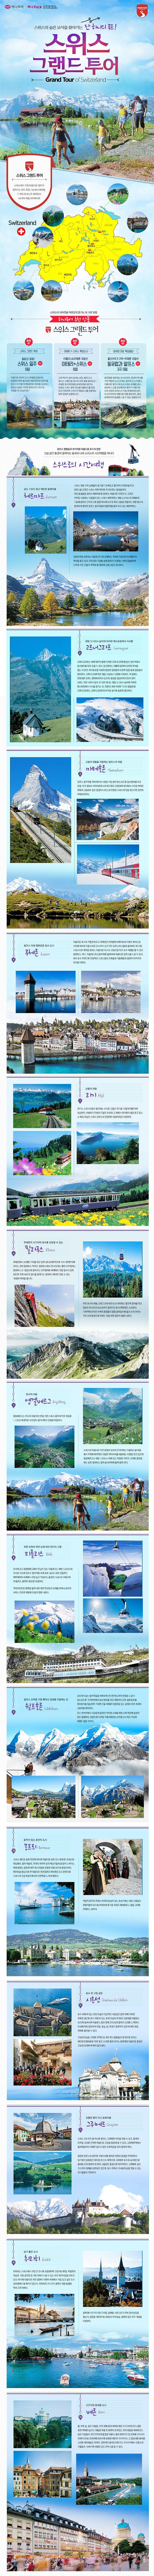 [기획전] 스위스 여행 기획전 : 네이버 블로그